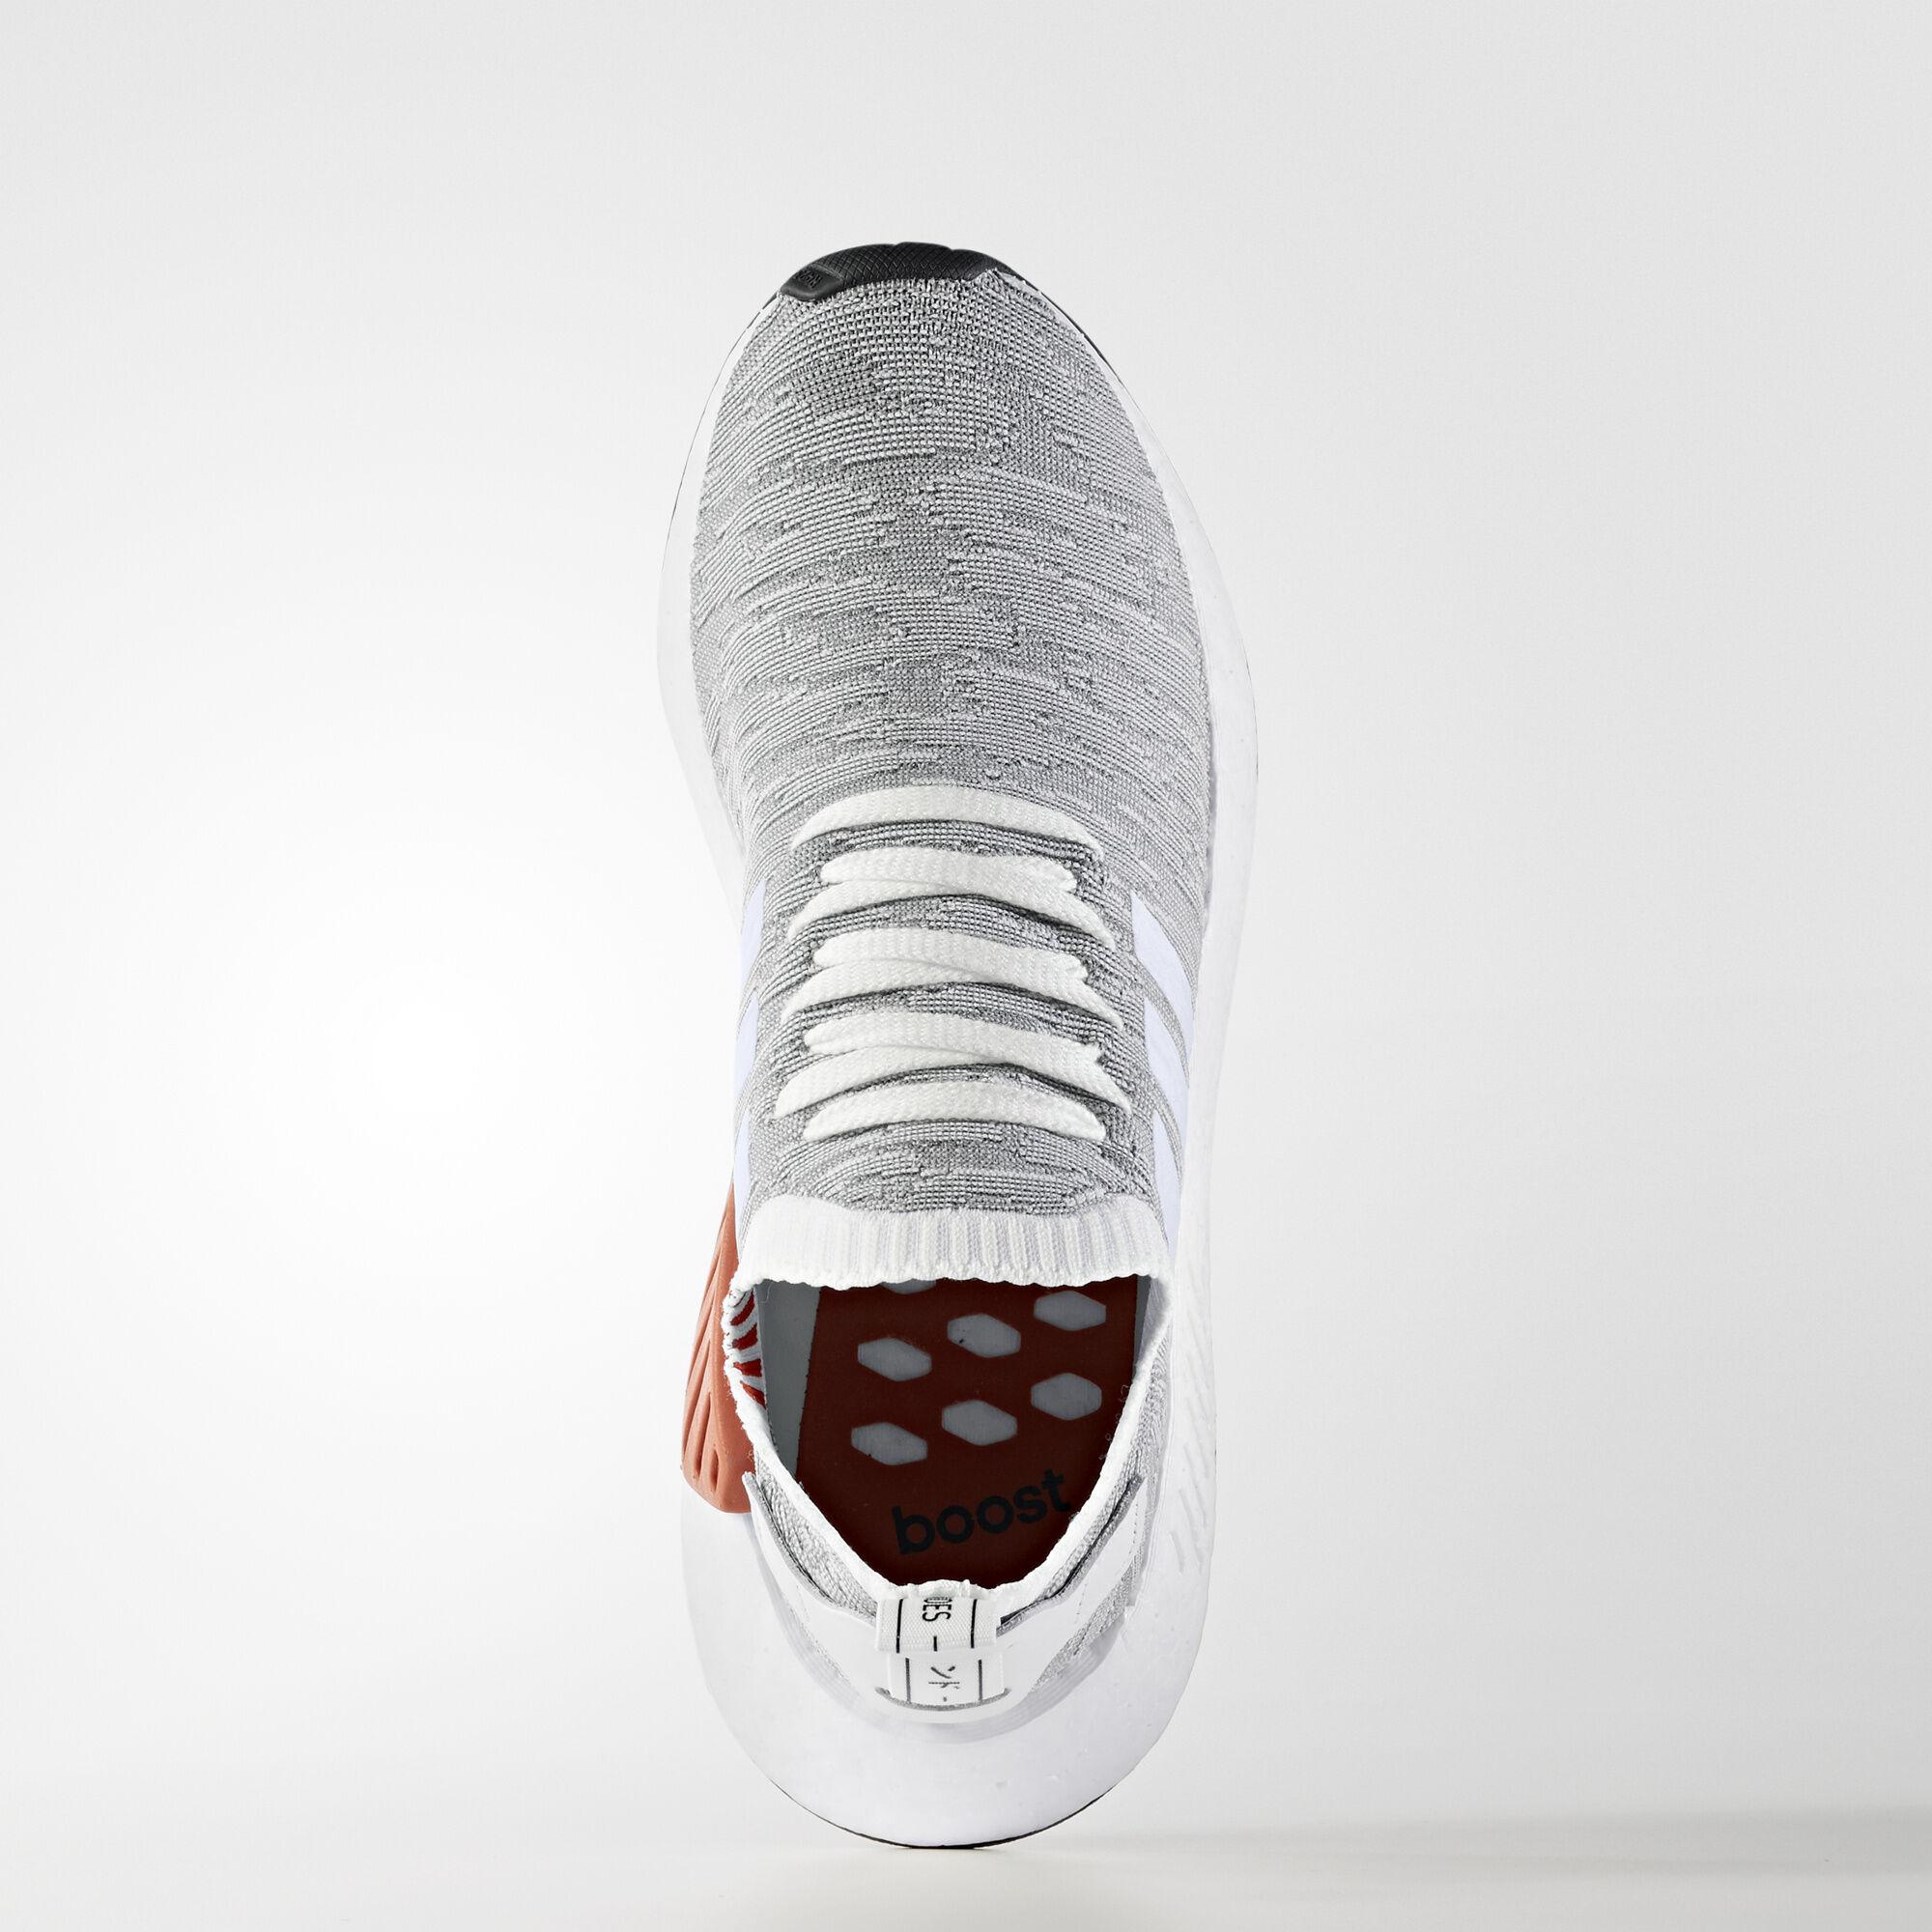 b6975e4043dfd9 adidas NMD R2 Primeknit Shoes - White